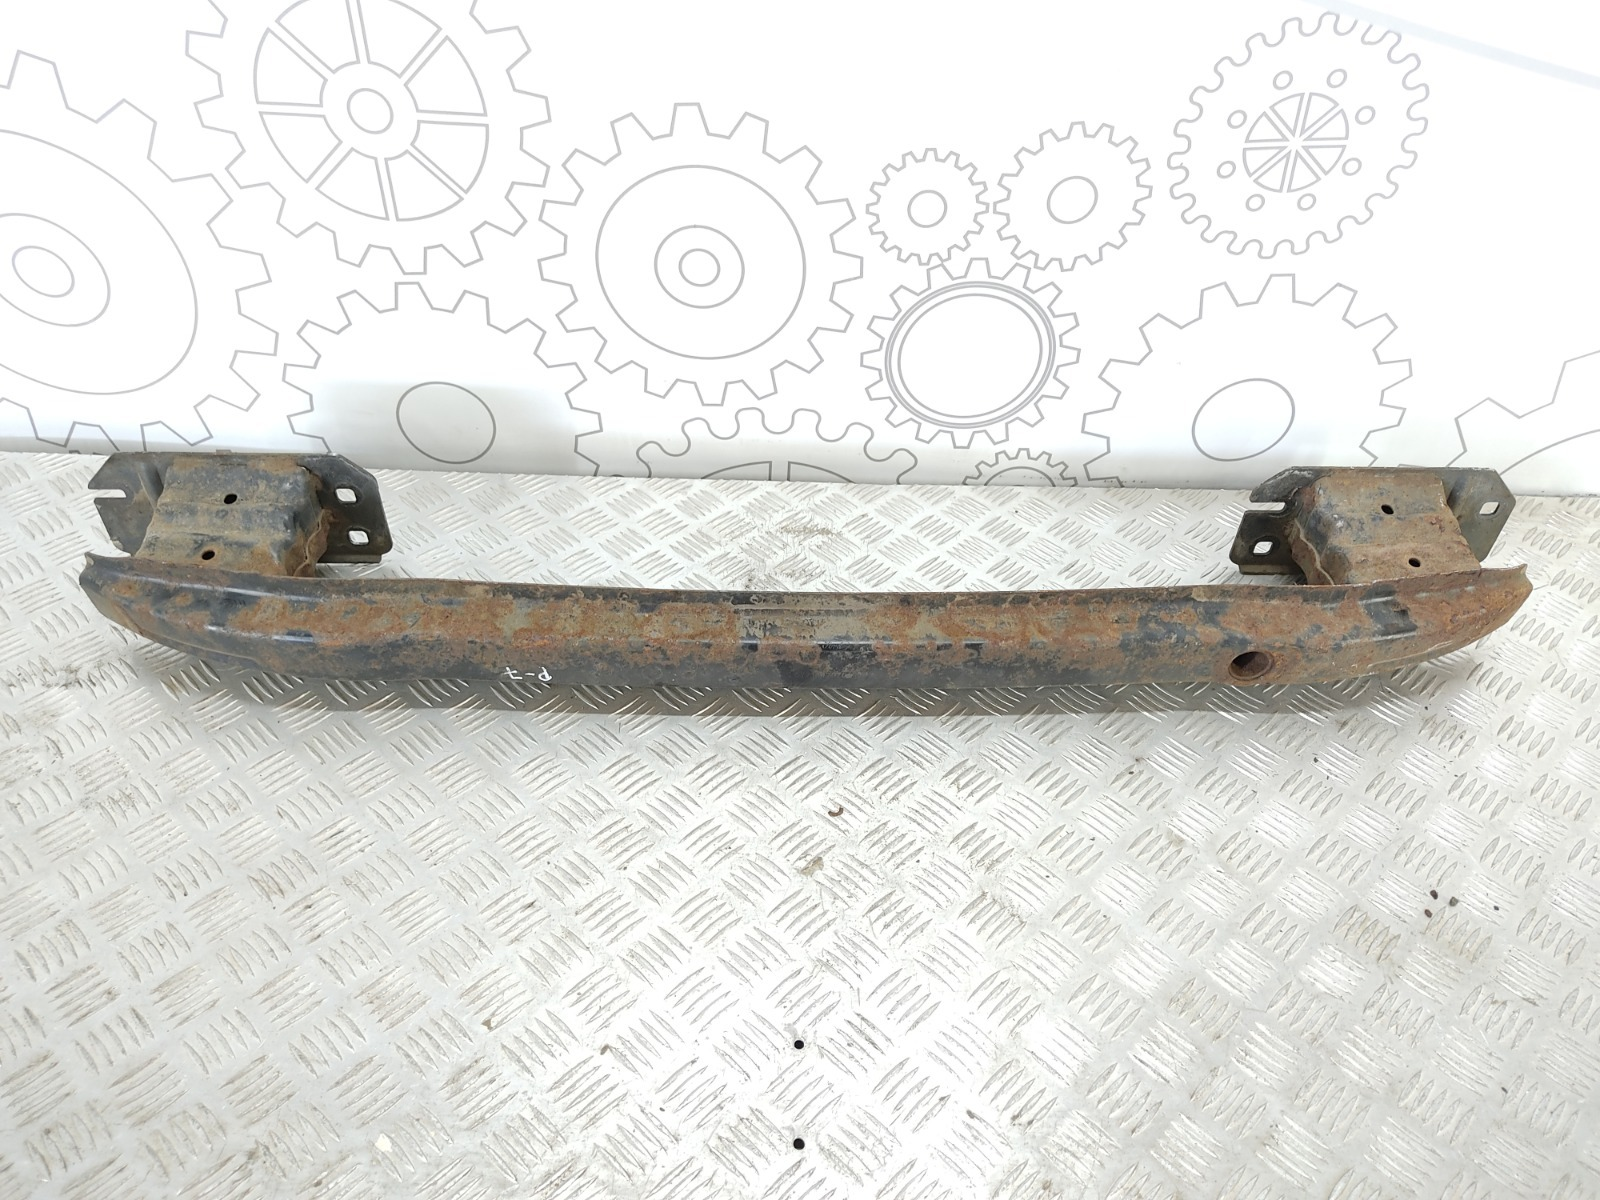 Усилитель бампера заднего Ford Mondeo 2.0 TDCI 2010 (б/у)